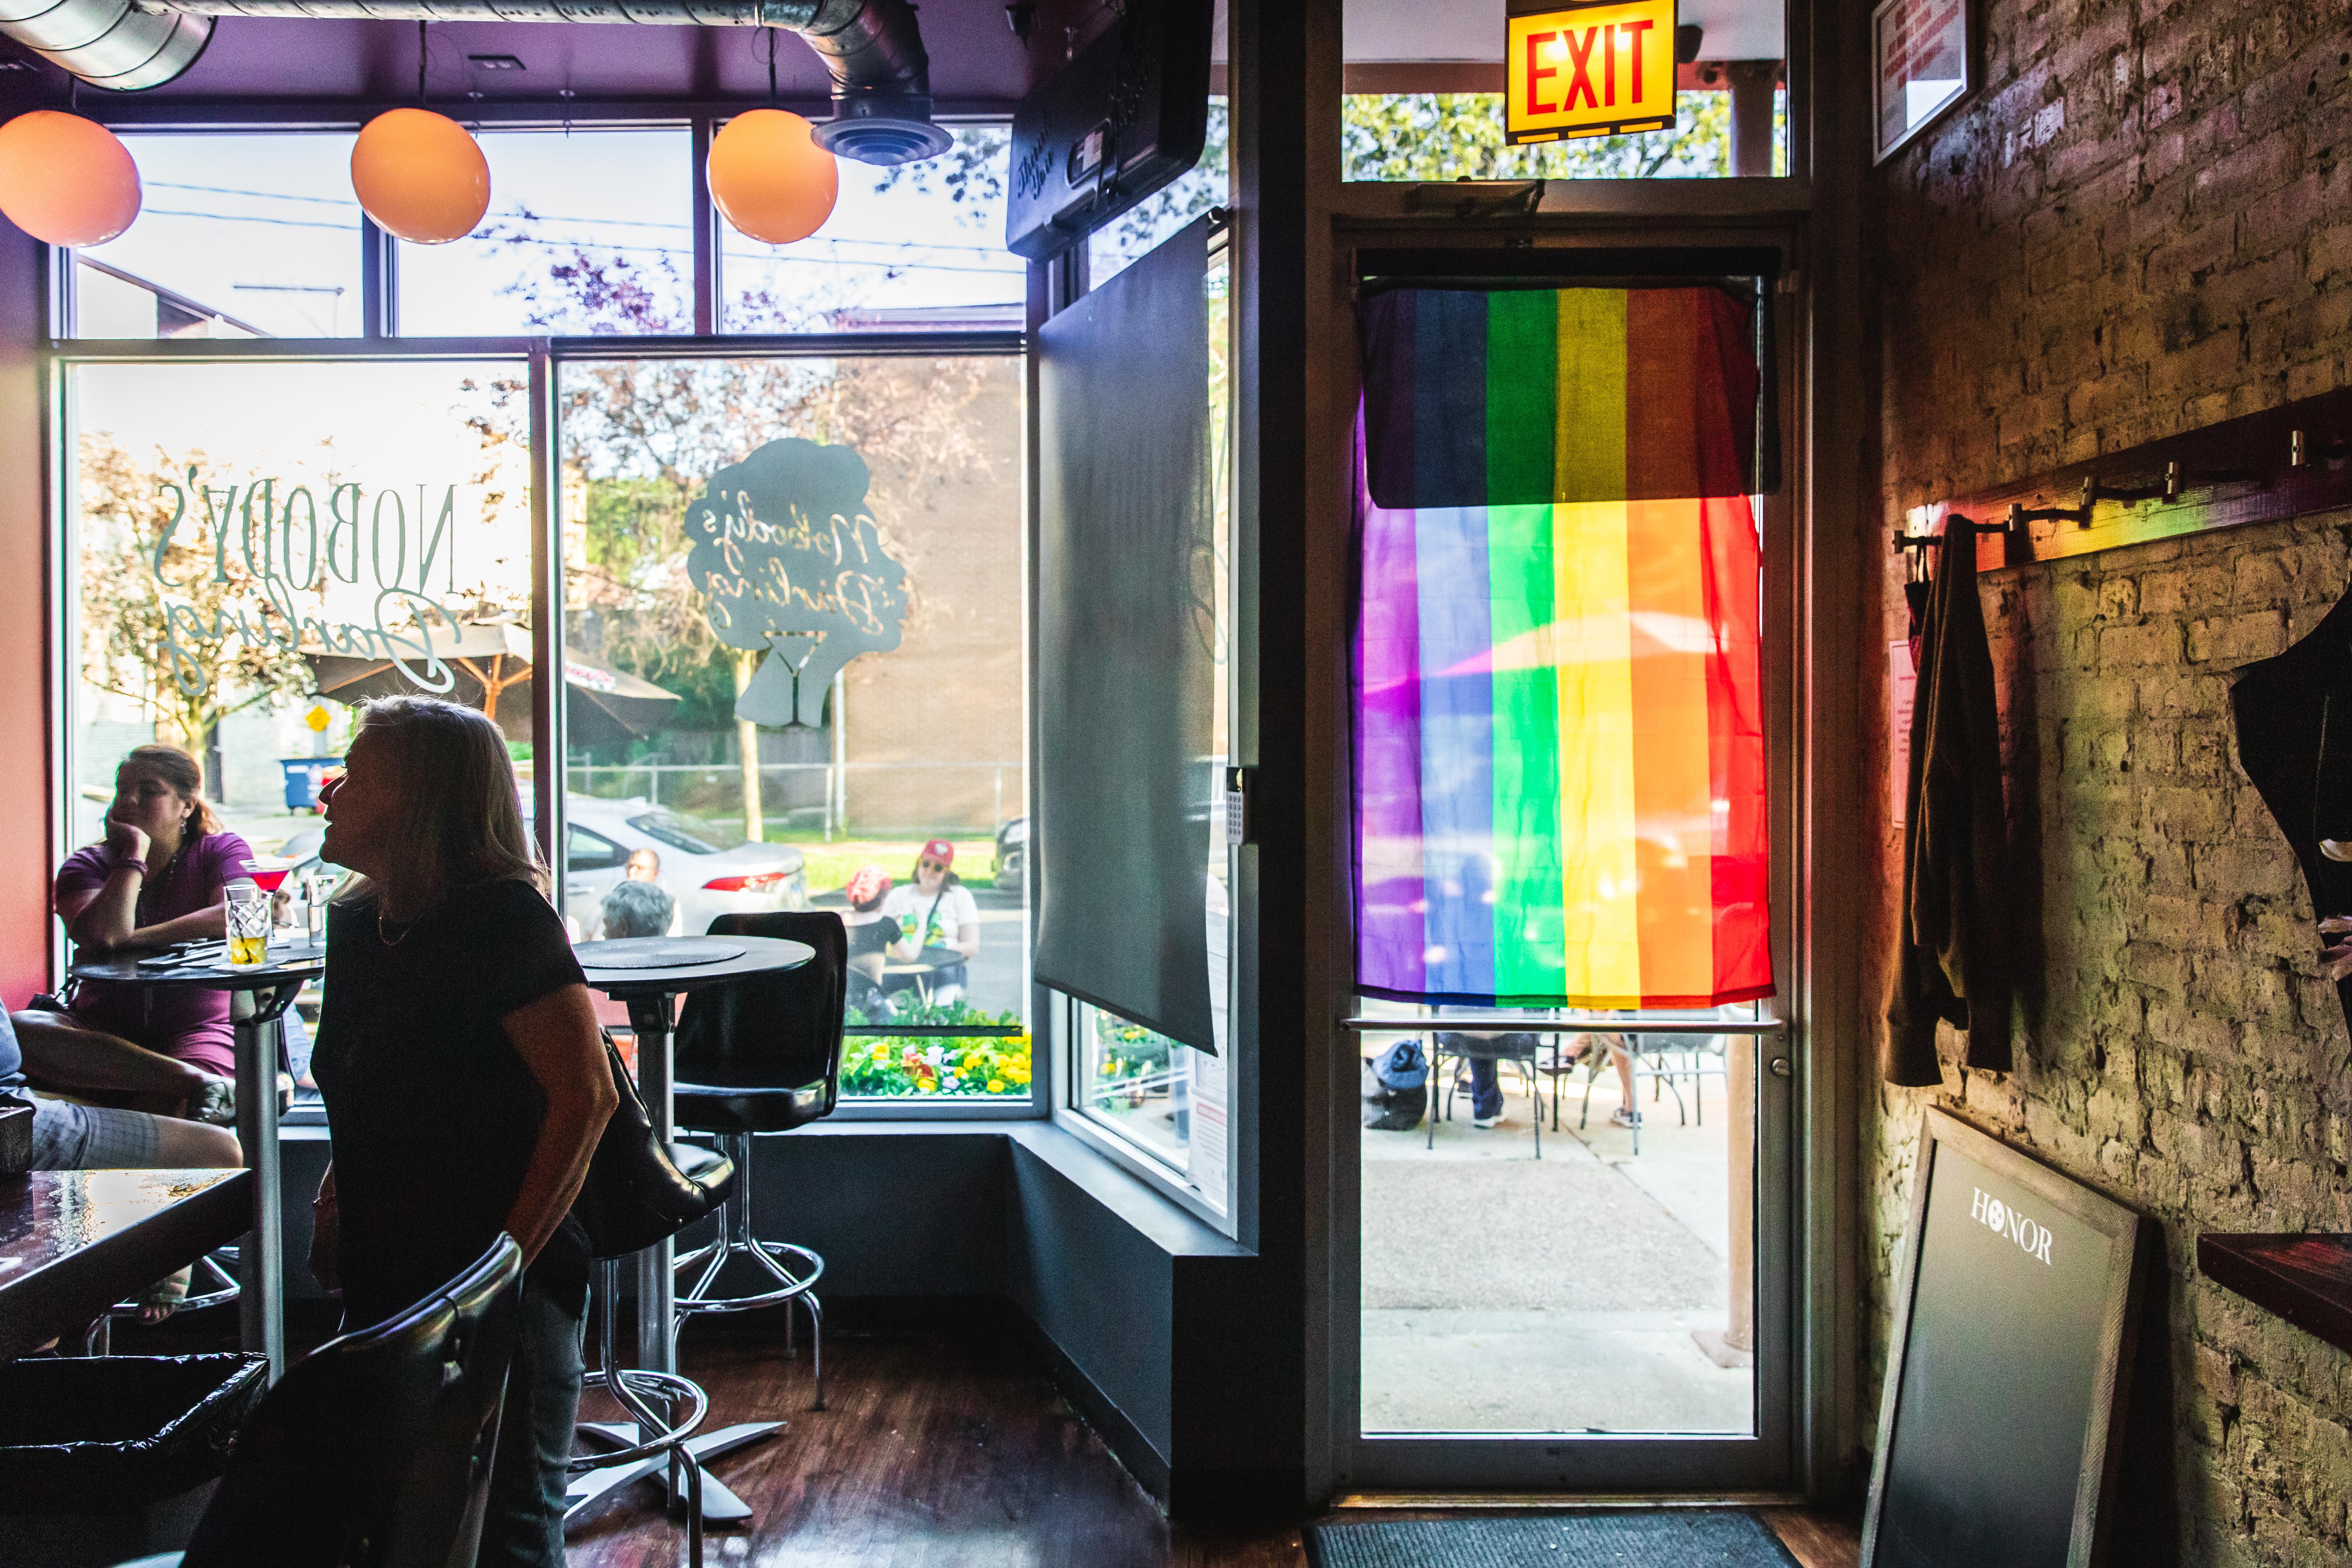 A rainbow flag hangs over the glass door of a narrow bar